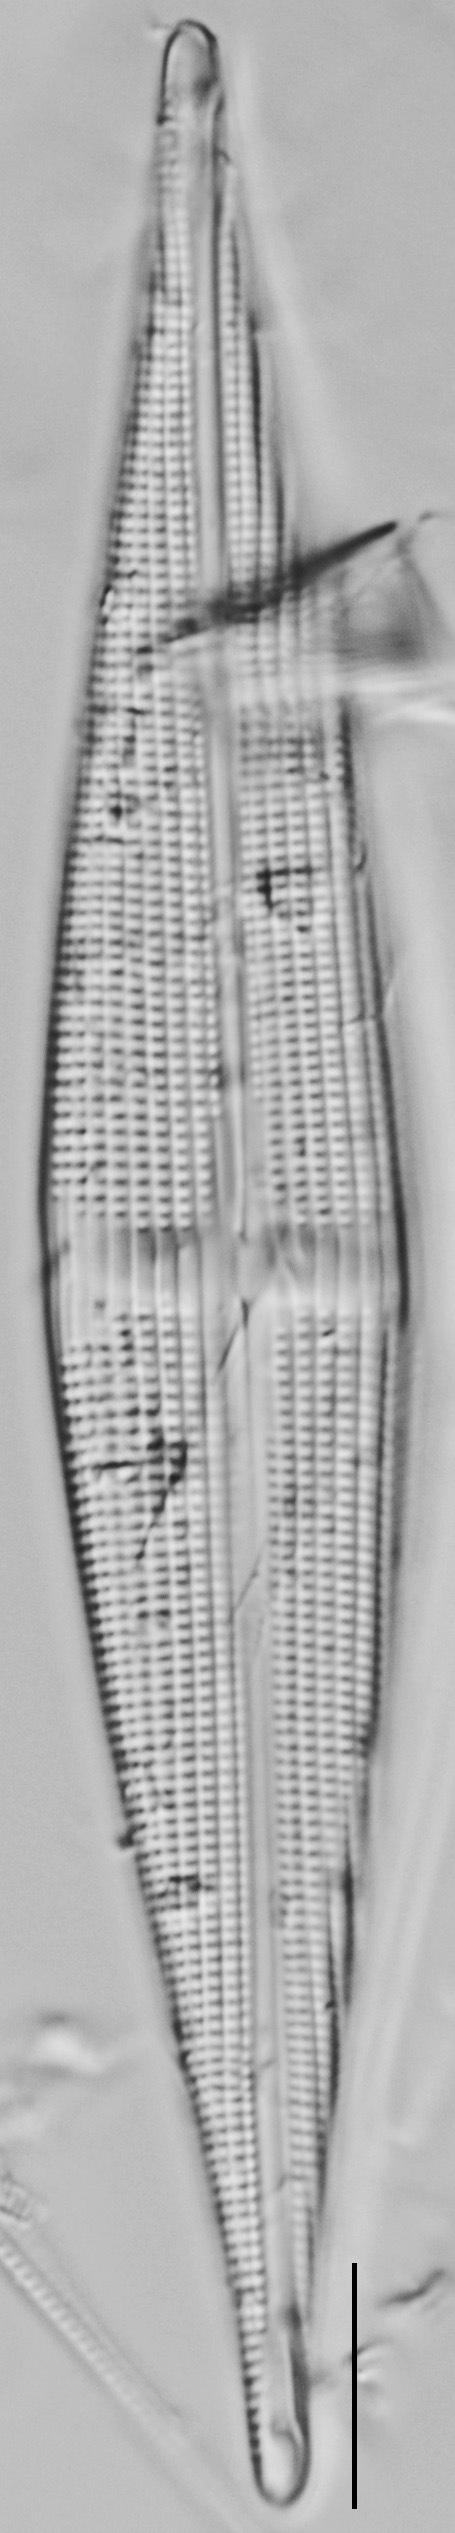 Stauroneis staurolineata LM6